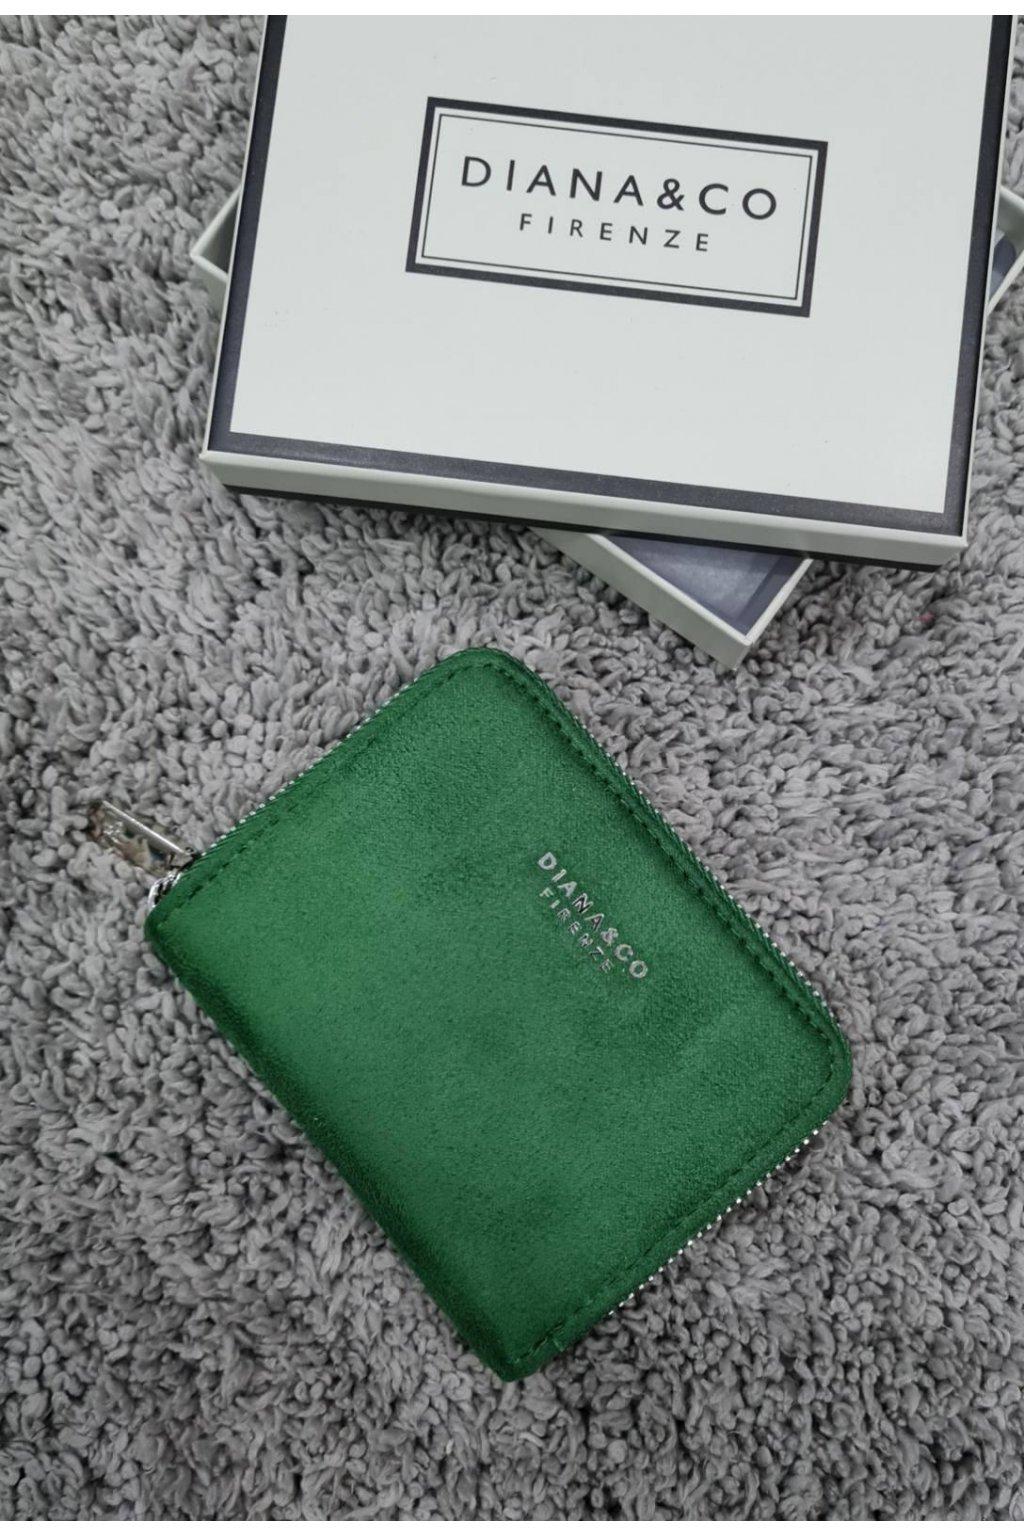 Dámská peněženka Diana&co zelená